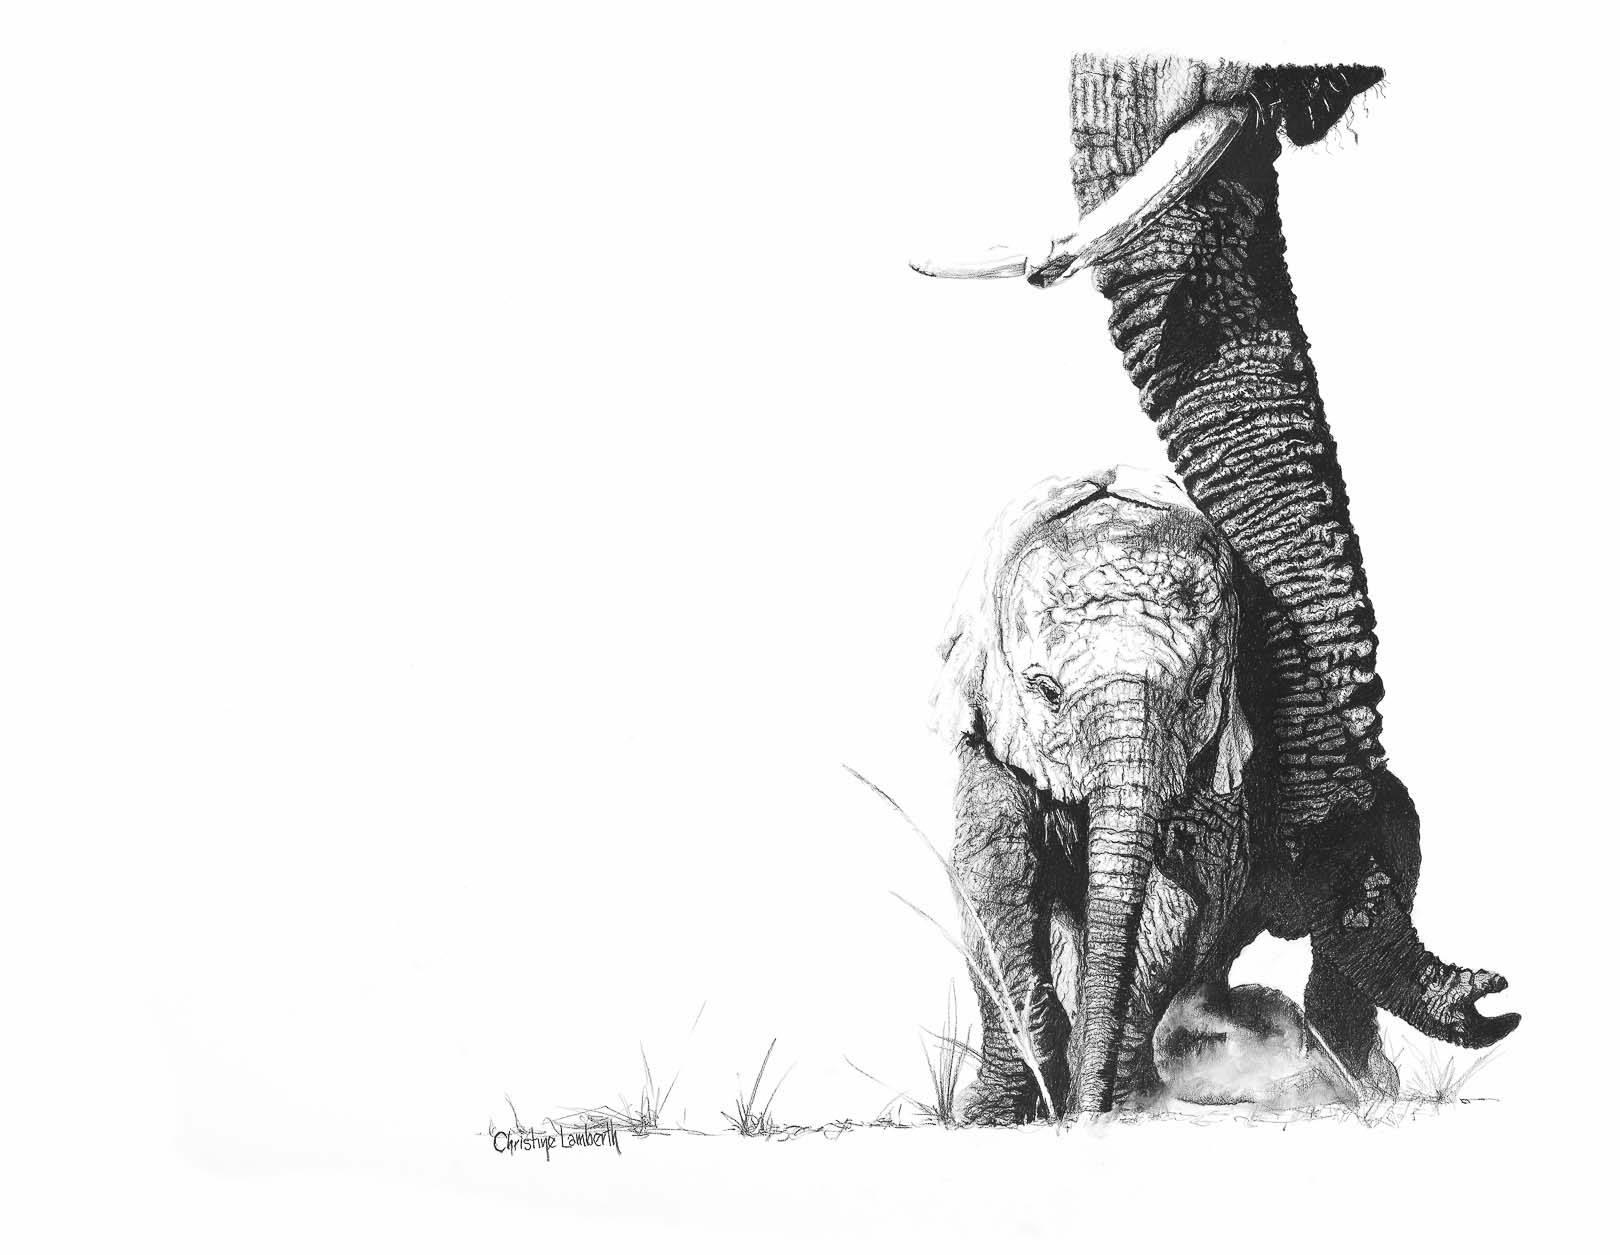 Christine Lamberth – Wildlife Artist